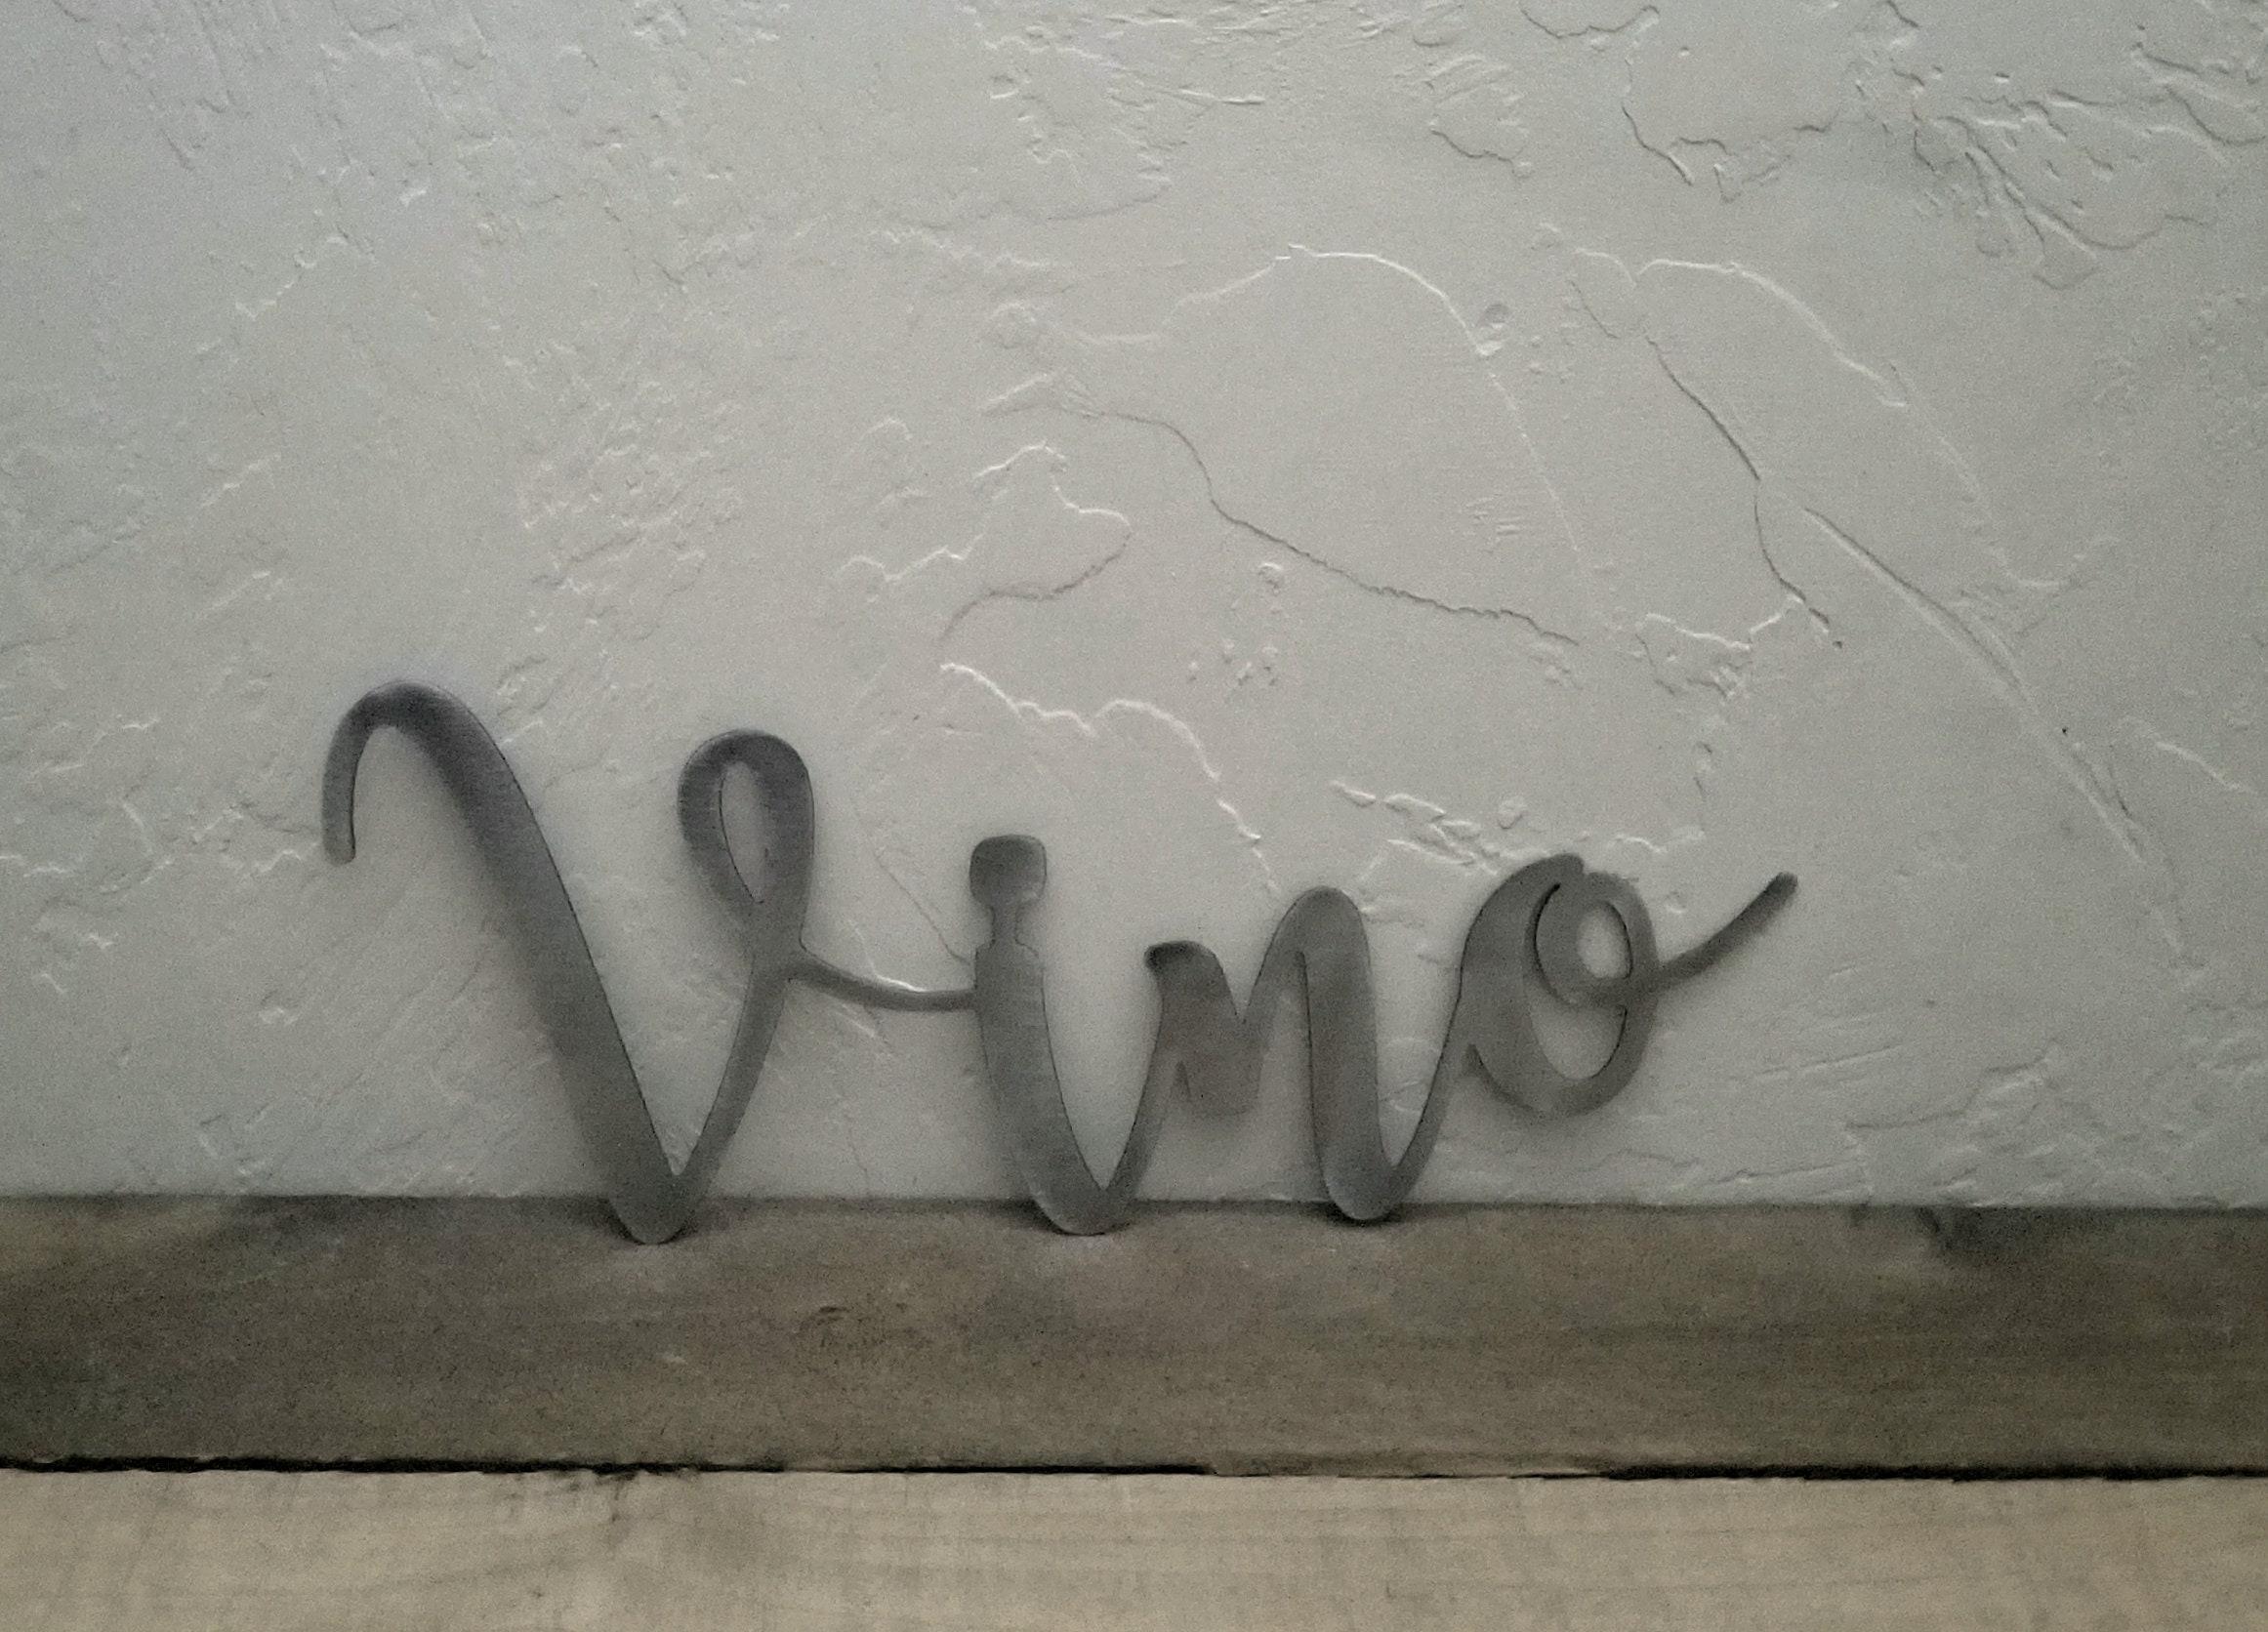 Metall Vino Zeichen Wein Küche Dekor Vino Wortkunst für die